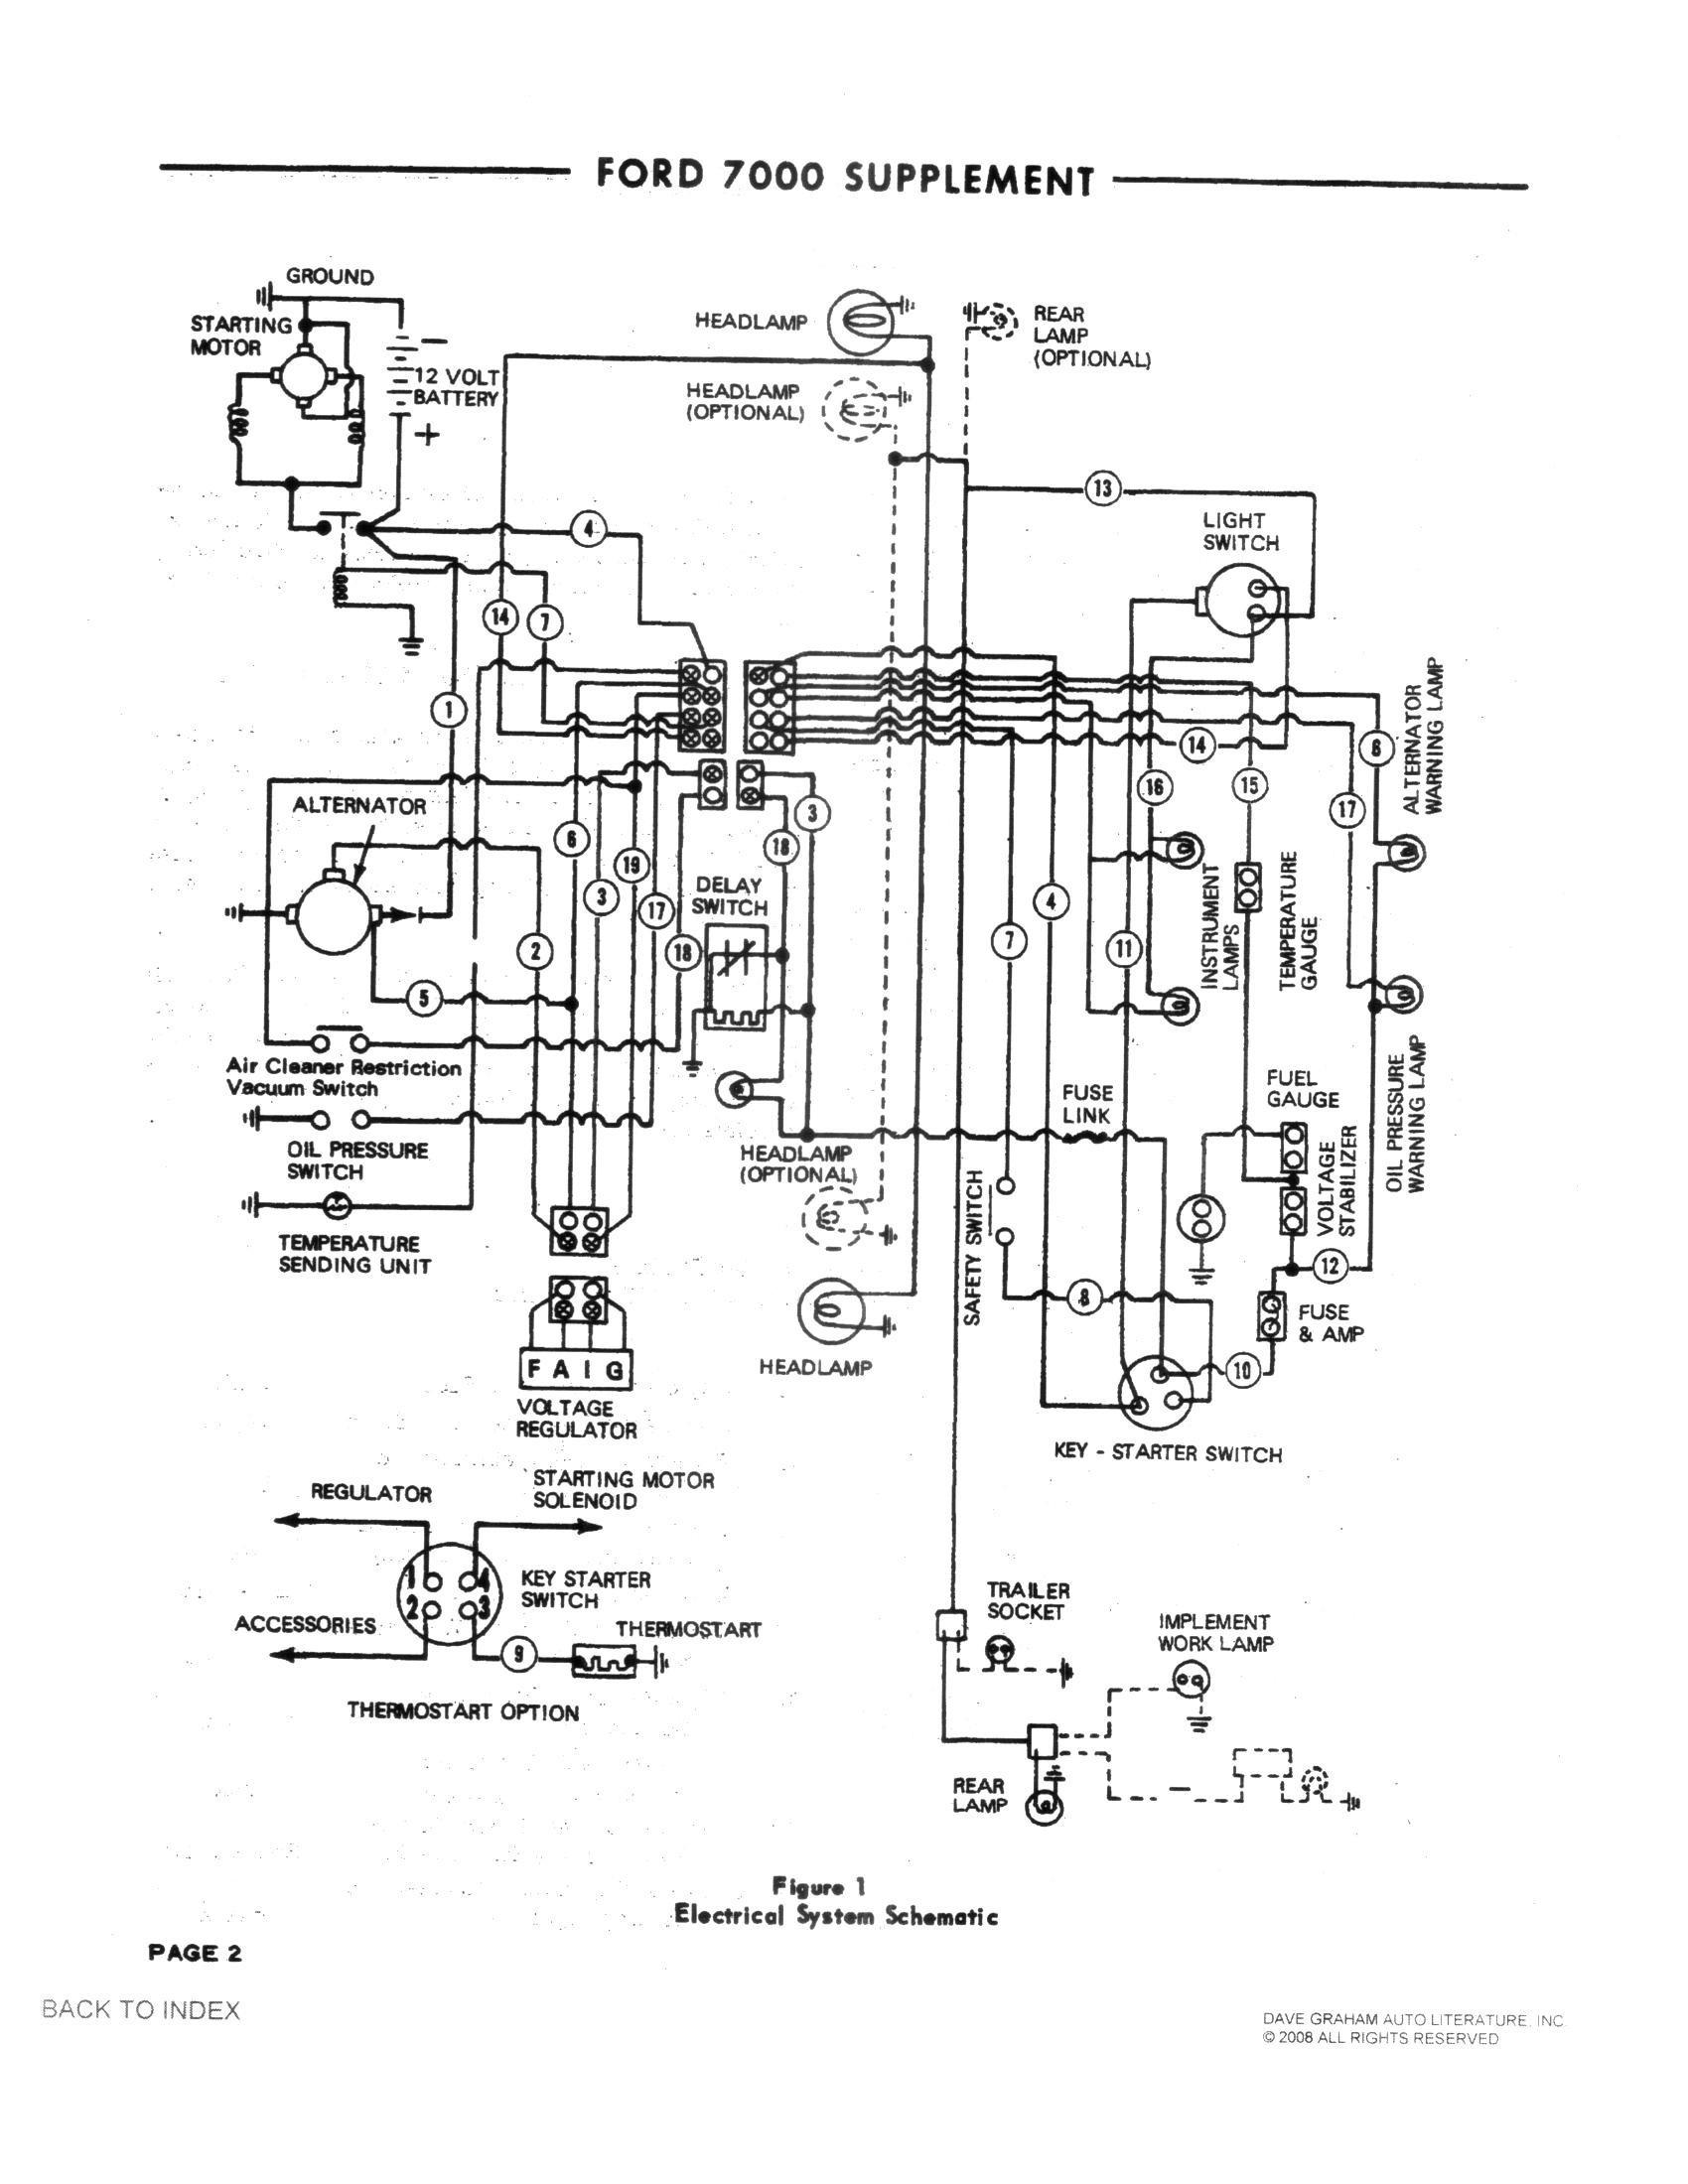 Alternator For Ford 8n 12 Volt Wiring Diagram Diagrams 1948 6 Inspirational Car Voltage Regulator New